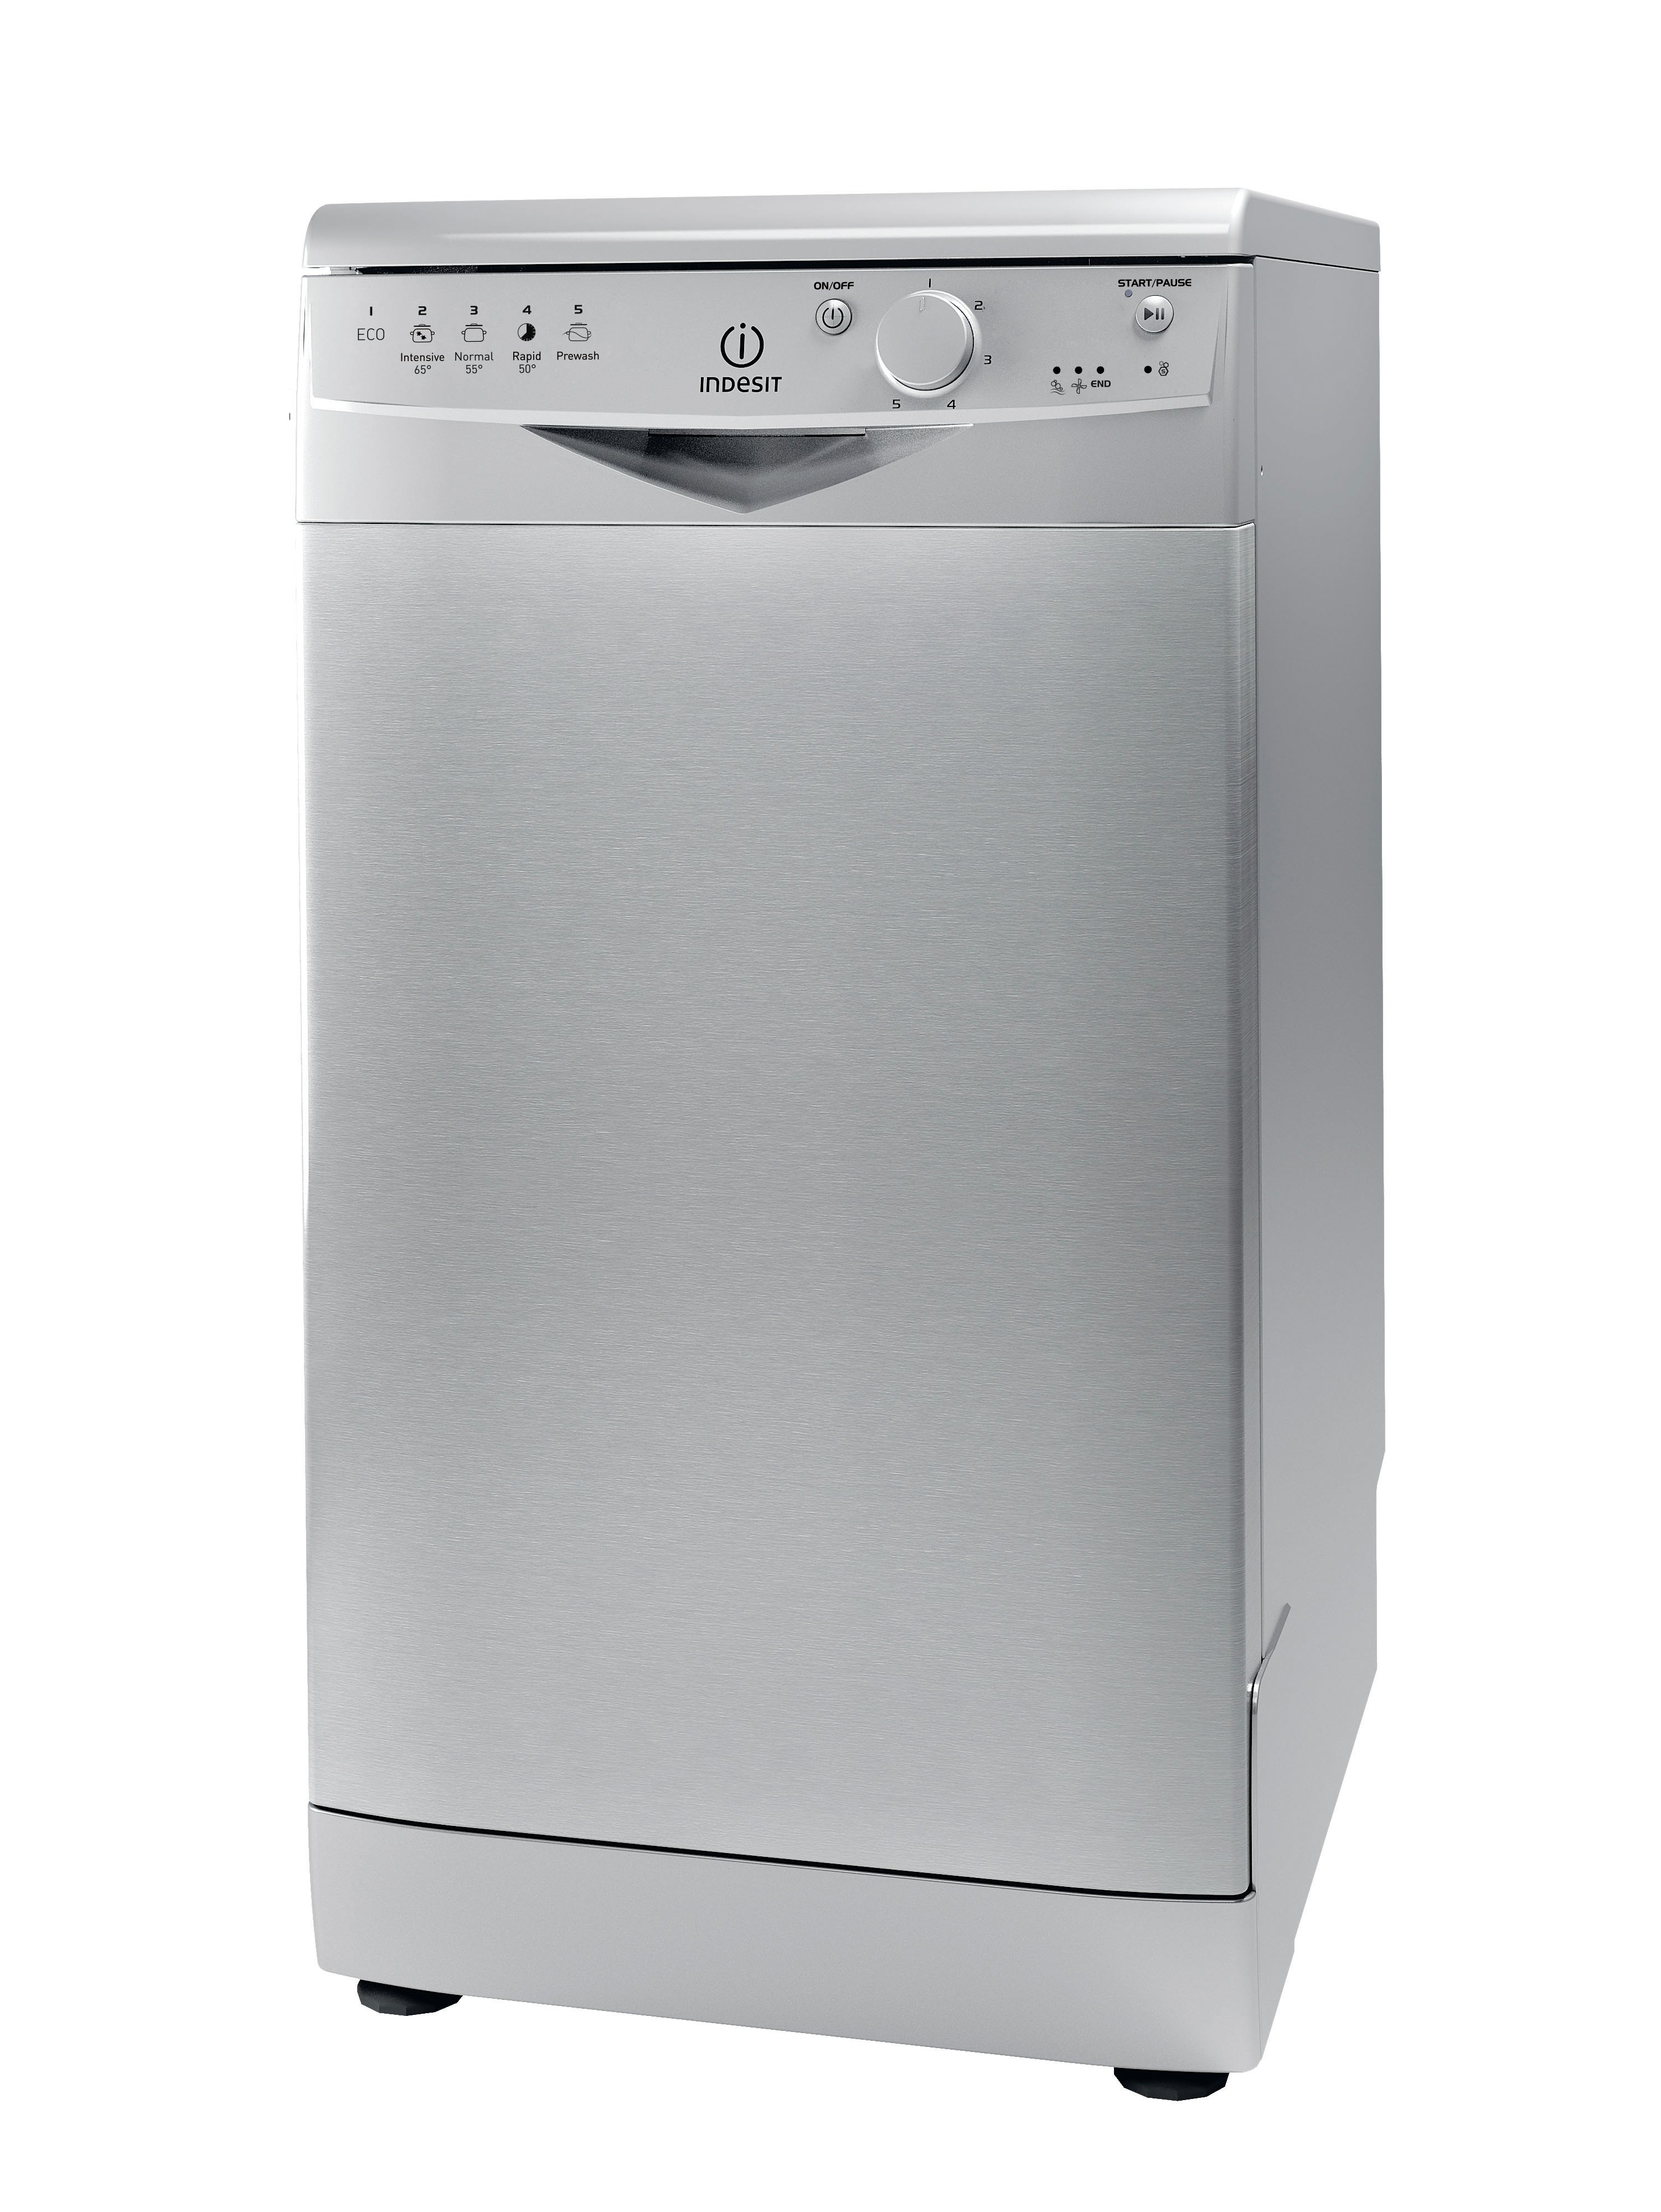 Image of Indesit Ecotime DSR 15B S Dishwasher - Silver